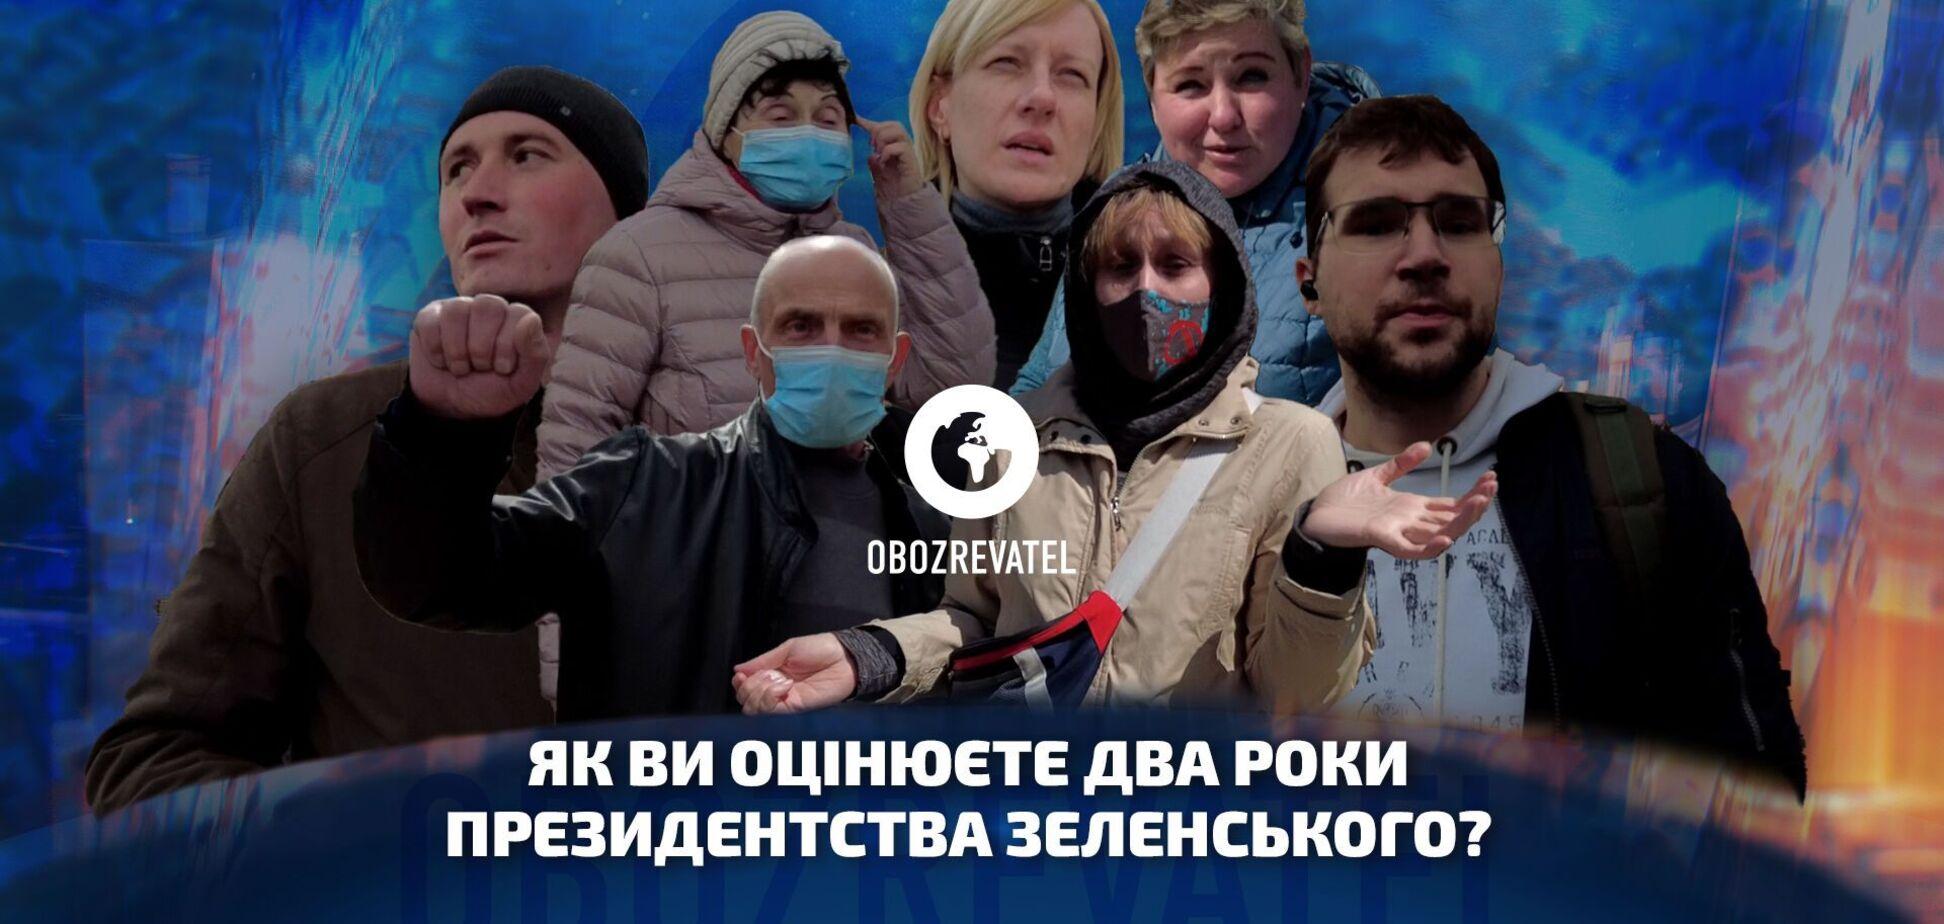 Два года президентства Зеленского: мнение украинцев